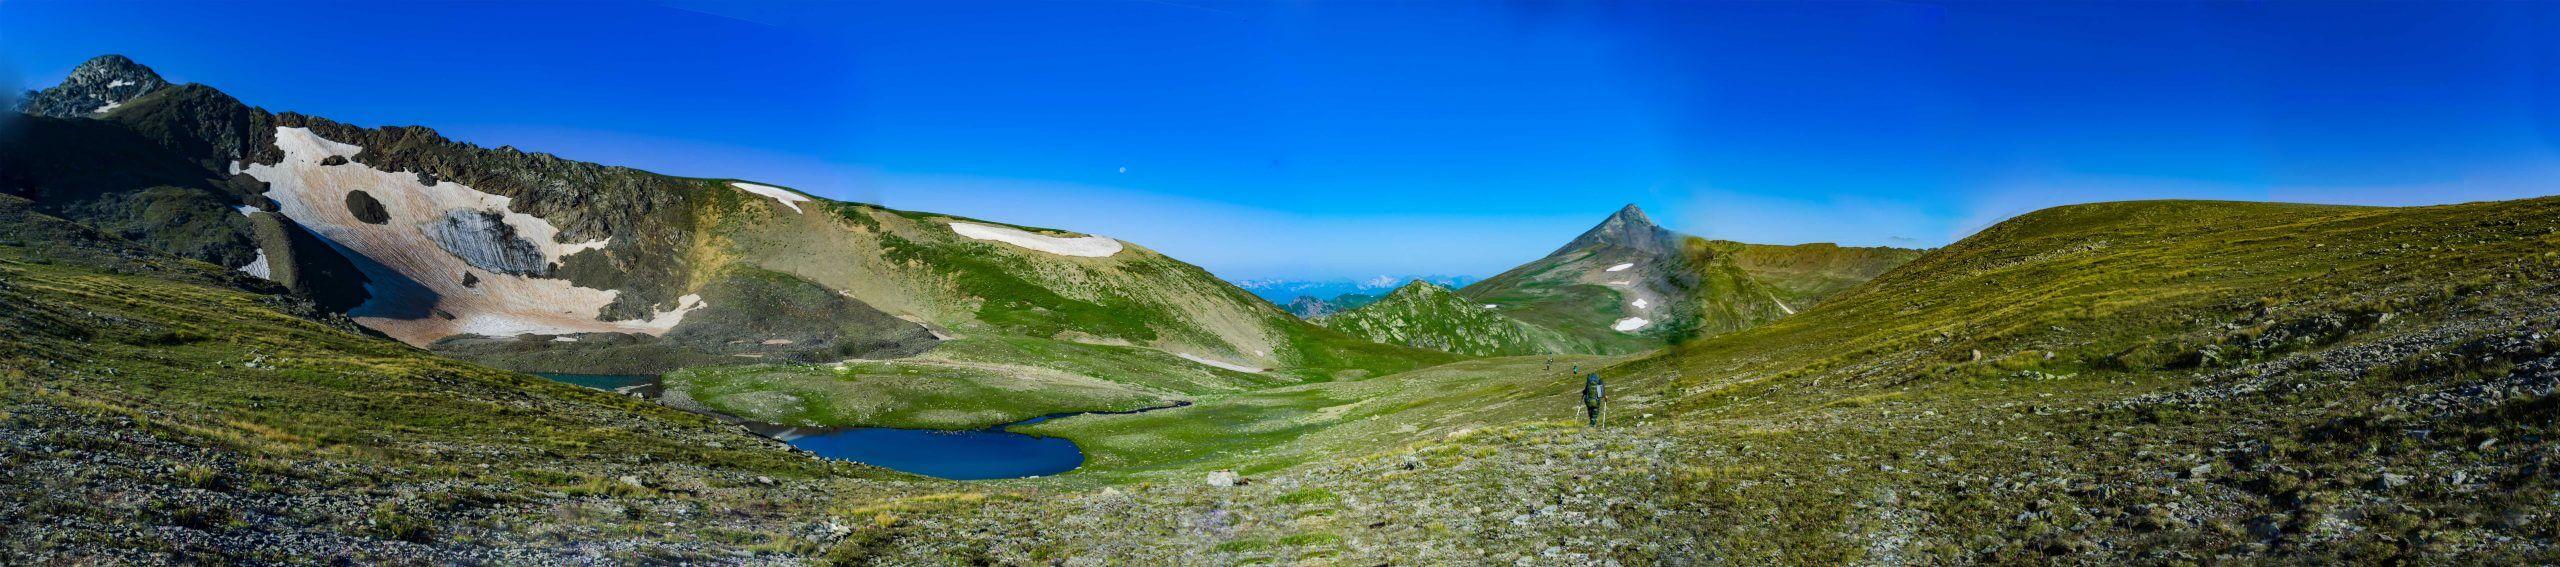 Панорама с перевала Семнадцатый Северный(1 Б, 2950 м)